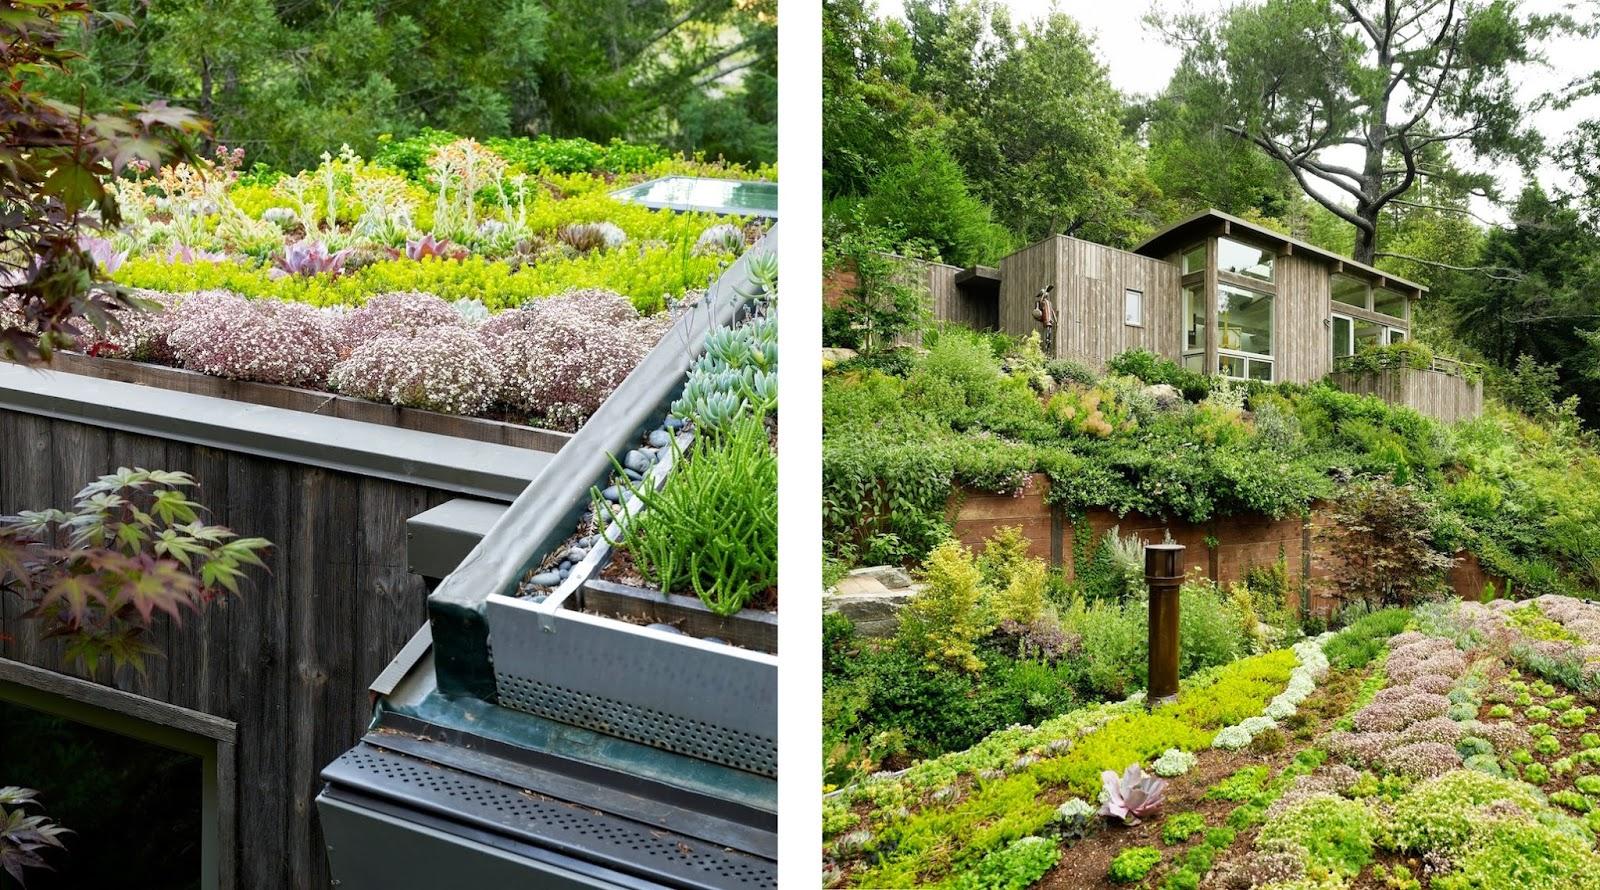 Autoconstrucci n c mo construir una cubierta vegetal - Cubiertas de tejados ...